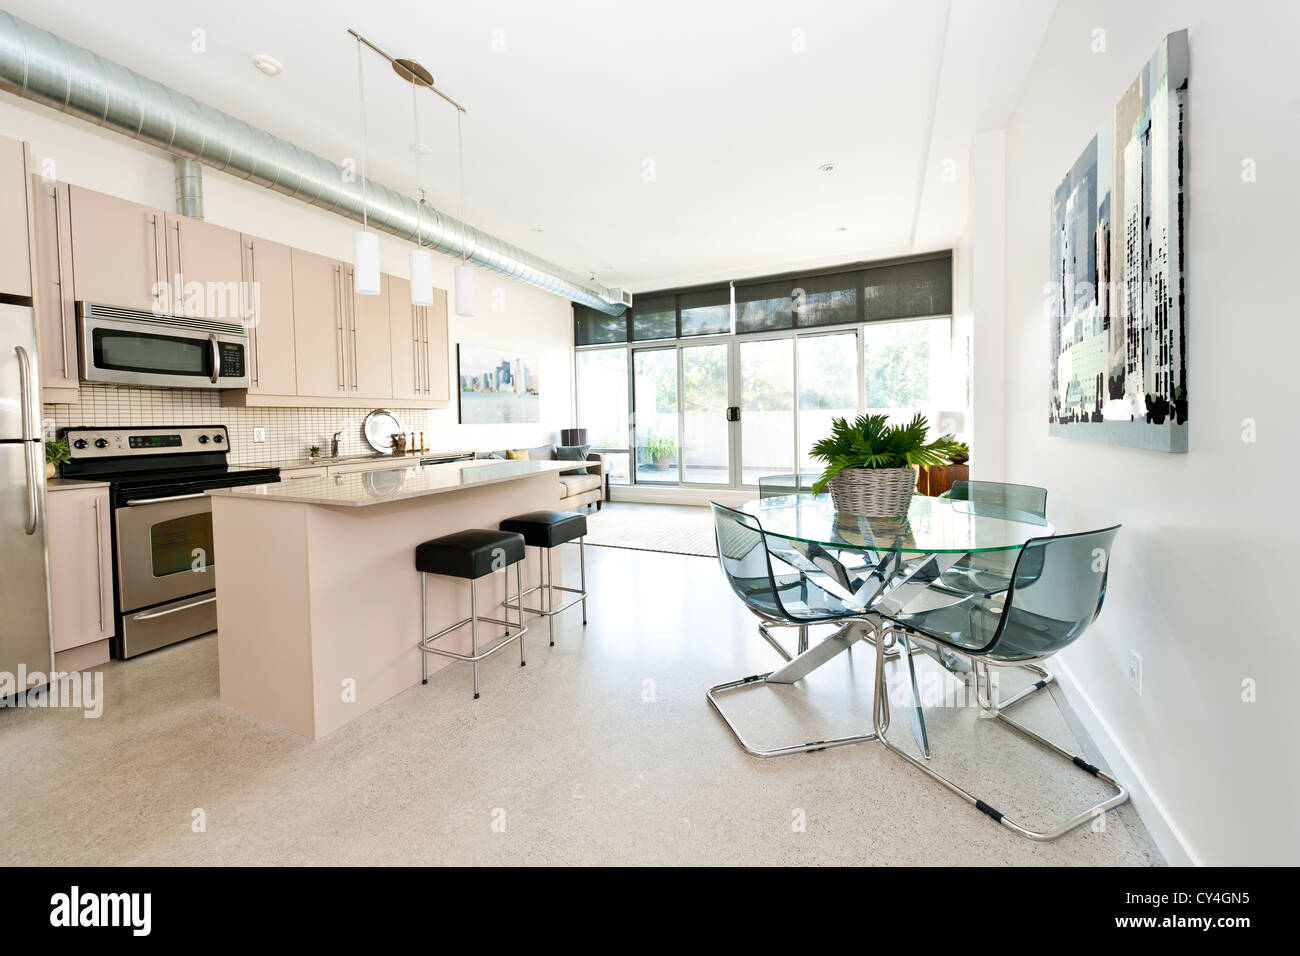 Cucina e sala da pranzo e soggiorno di appartamento - grafica dal fotografo portfolio Immagini Stock